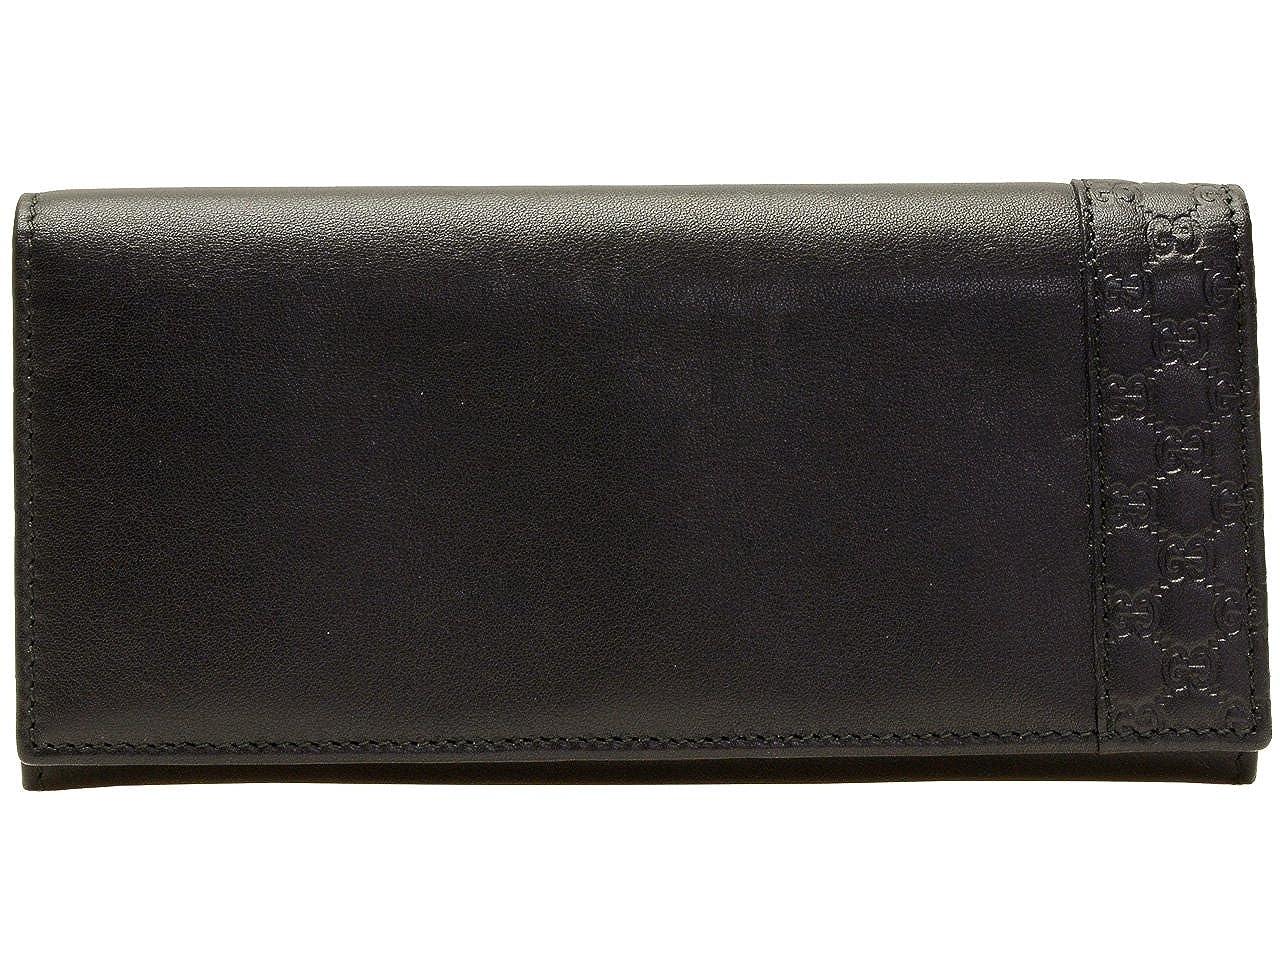 (グッチ) GUCCI 財布 長財布 二つ折り メンズ ブラック レザー マイクログッチシマレザー 256434a8wqn1000 アウトレット ブランド [並行輸入品] B01MDVNVT4